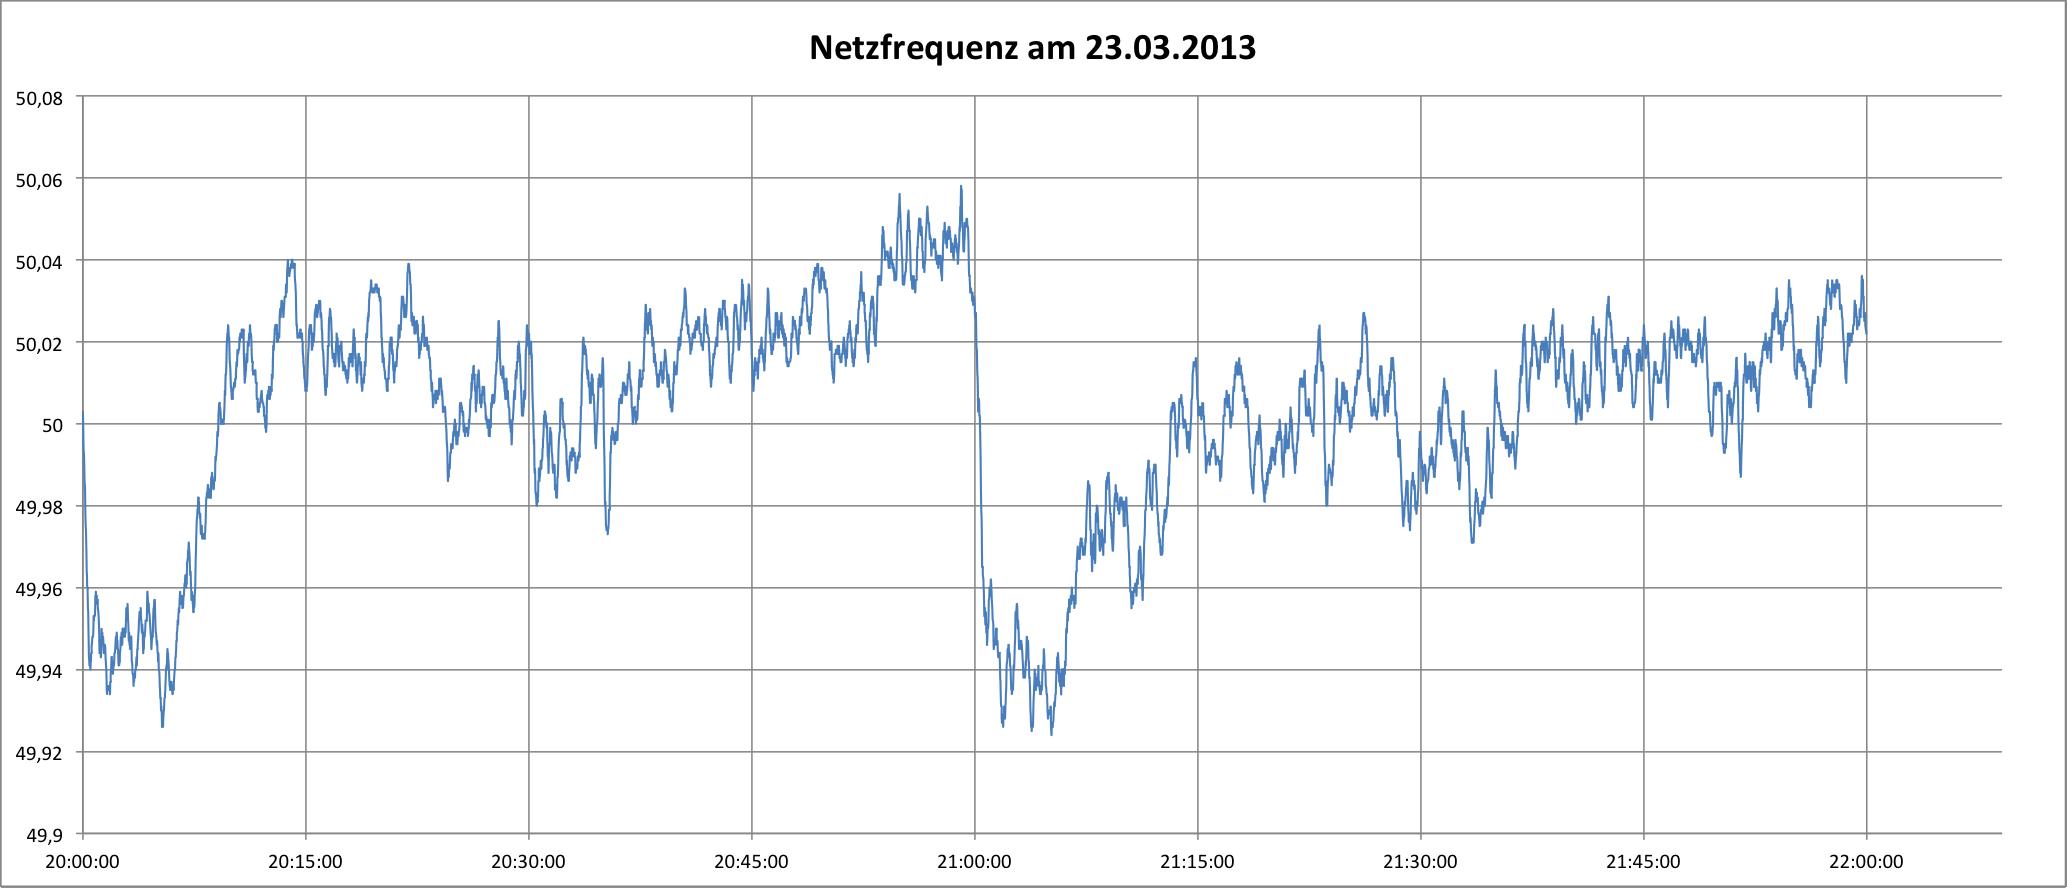 """Verlauf der Netzfrequenz während der """"Earth Hour"""" am 23.03.2013"""